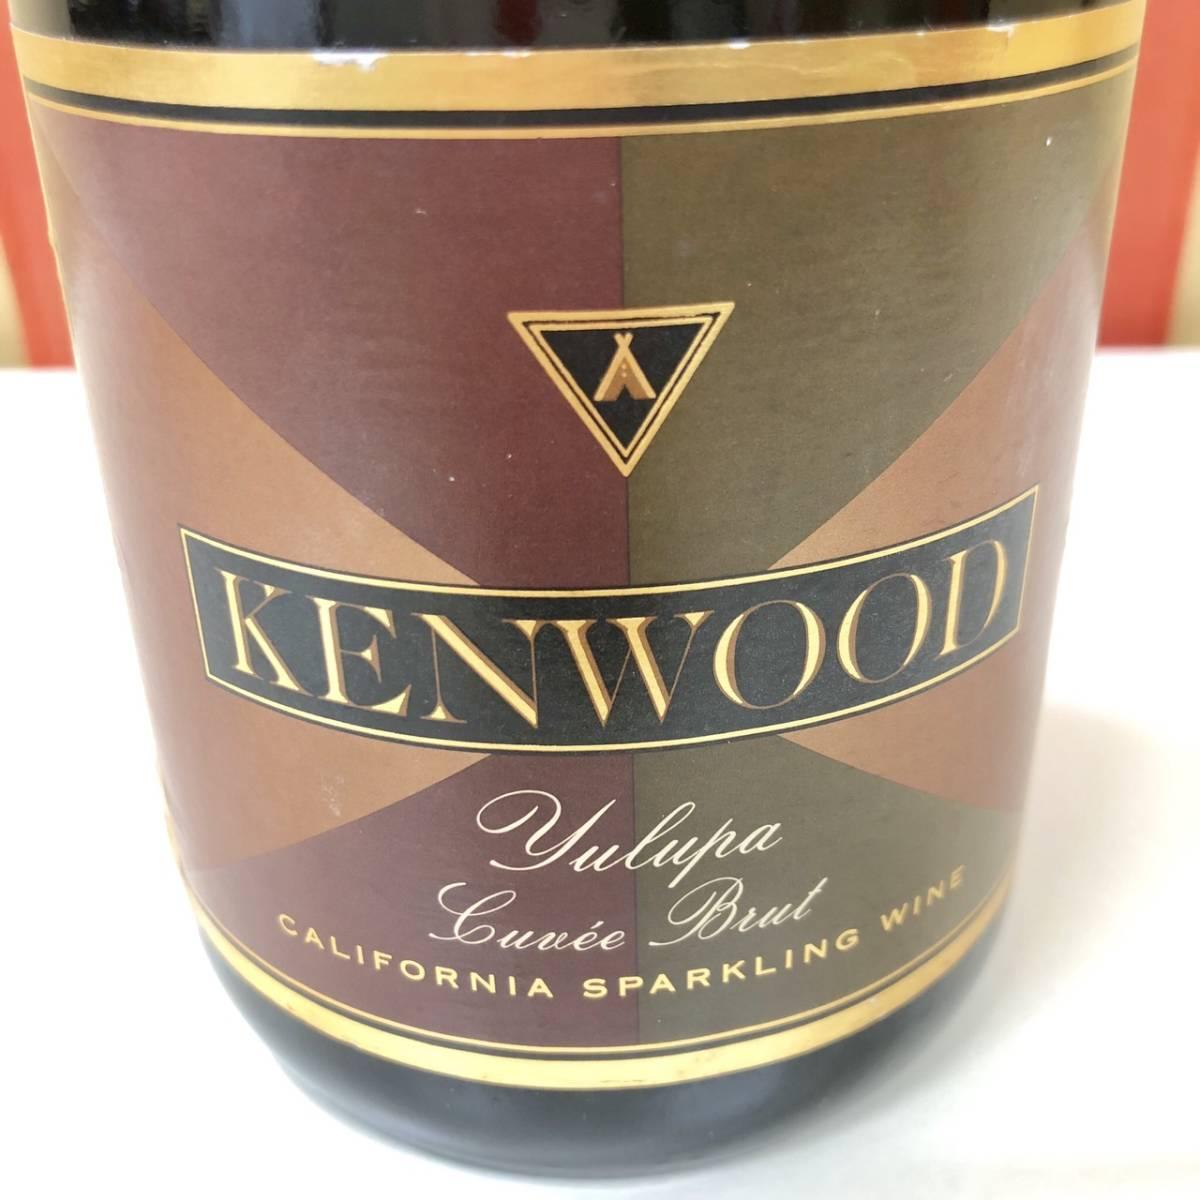 【2456】スパークリング ワイン ◆KENWOOD & エルドベーア・シャウムヴァイン ◆ ストロベリー イチゴ 2本セット 750ml 古酒 アルコール_画像4